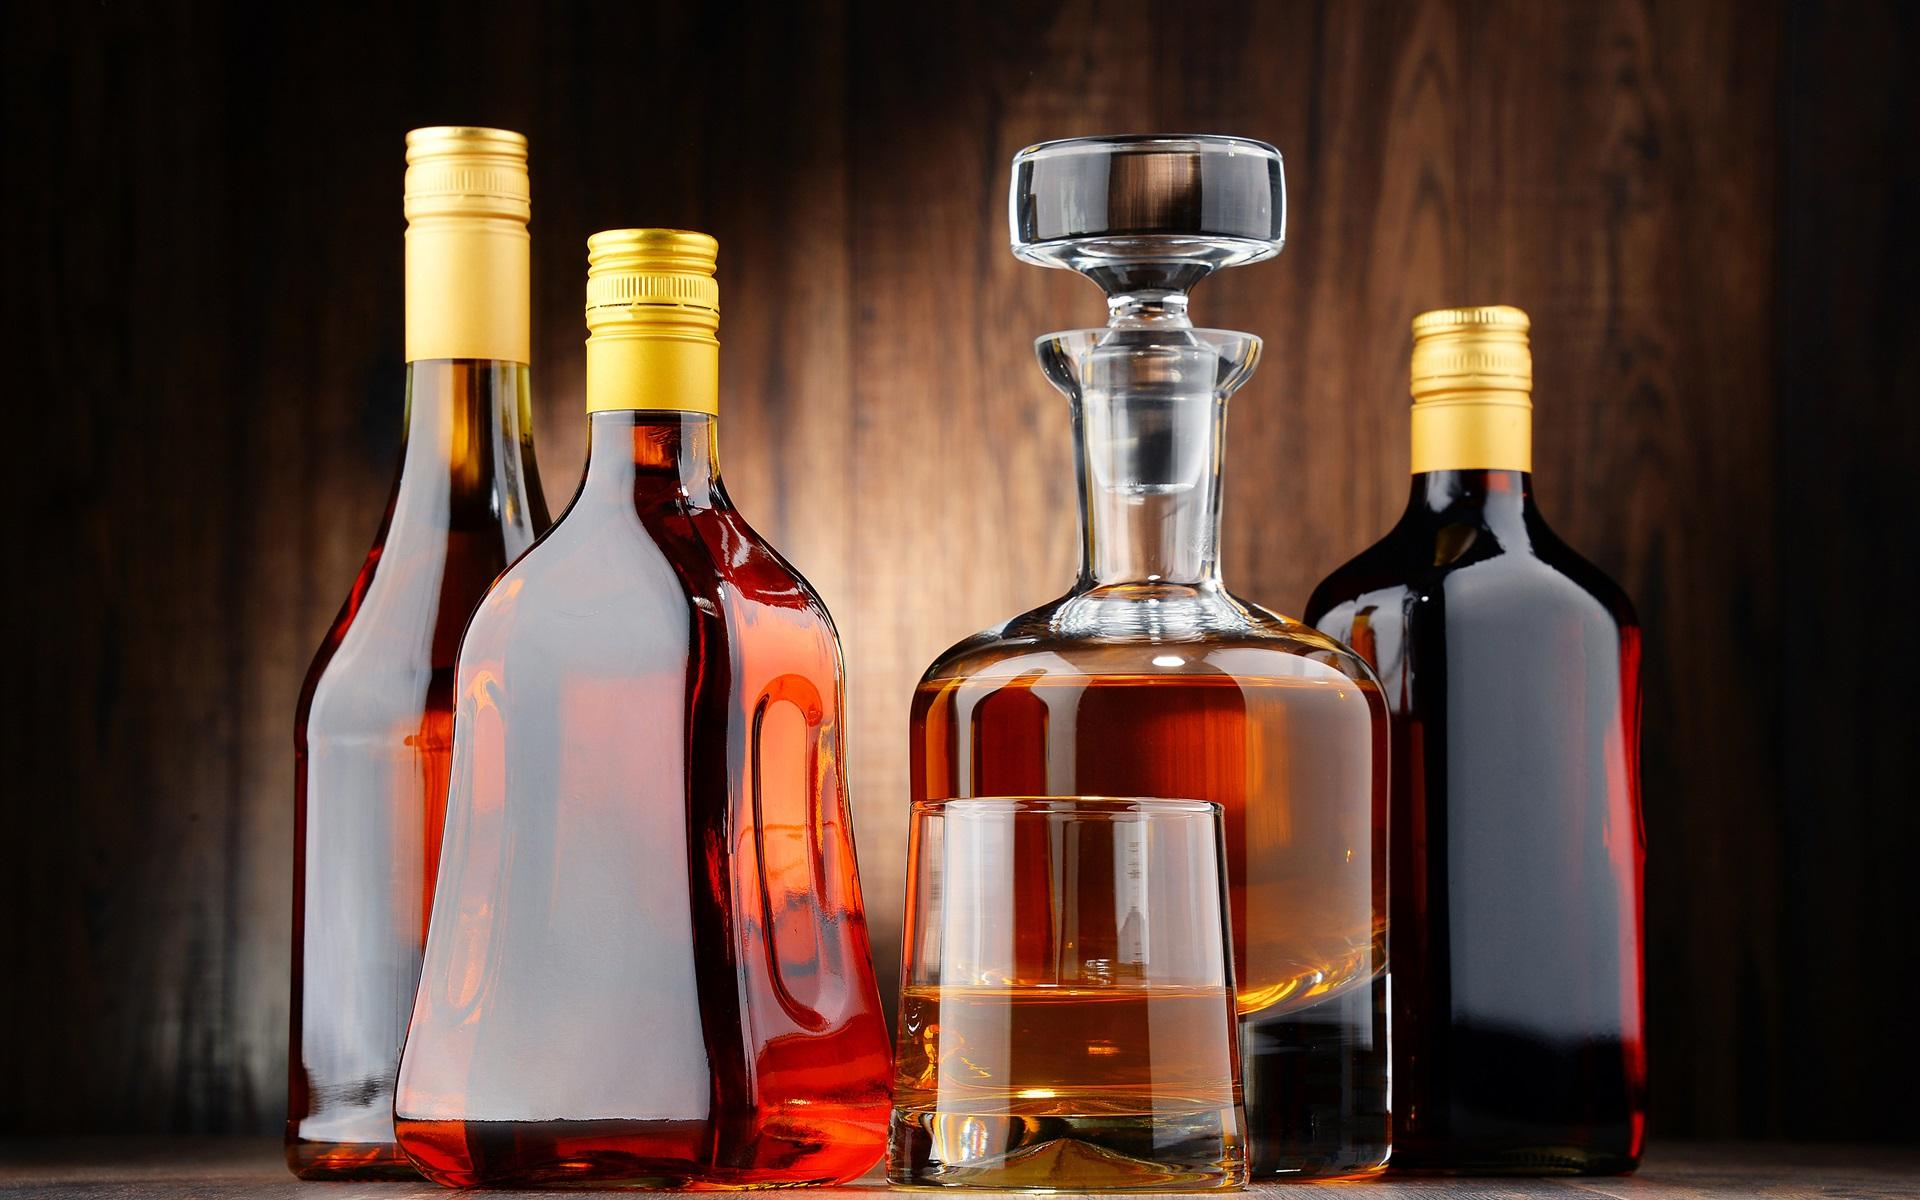 Красивые картинки бутылок с напитками